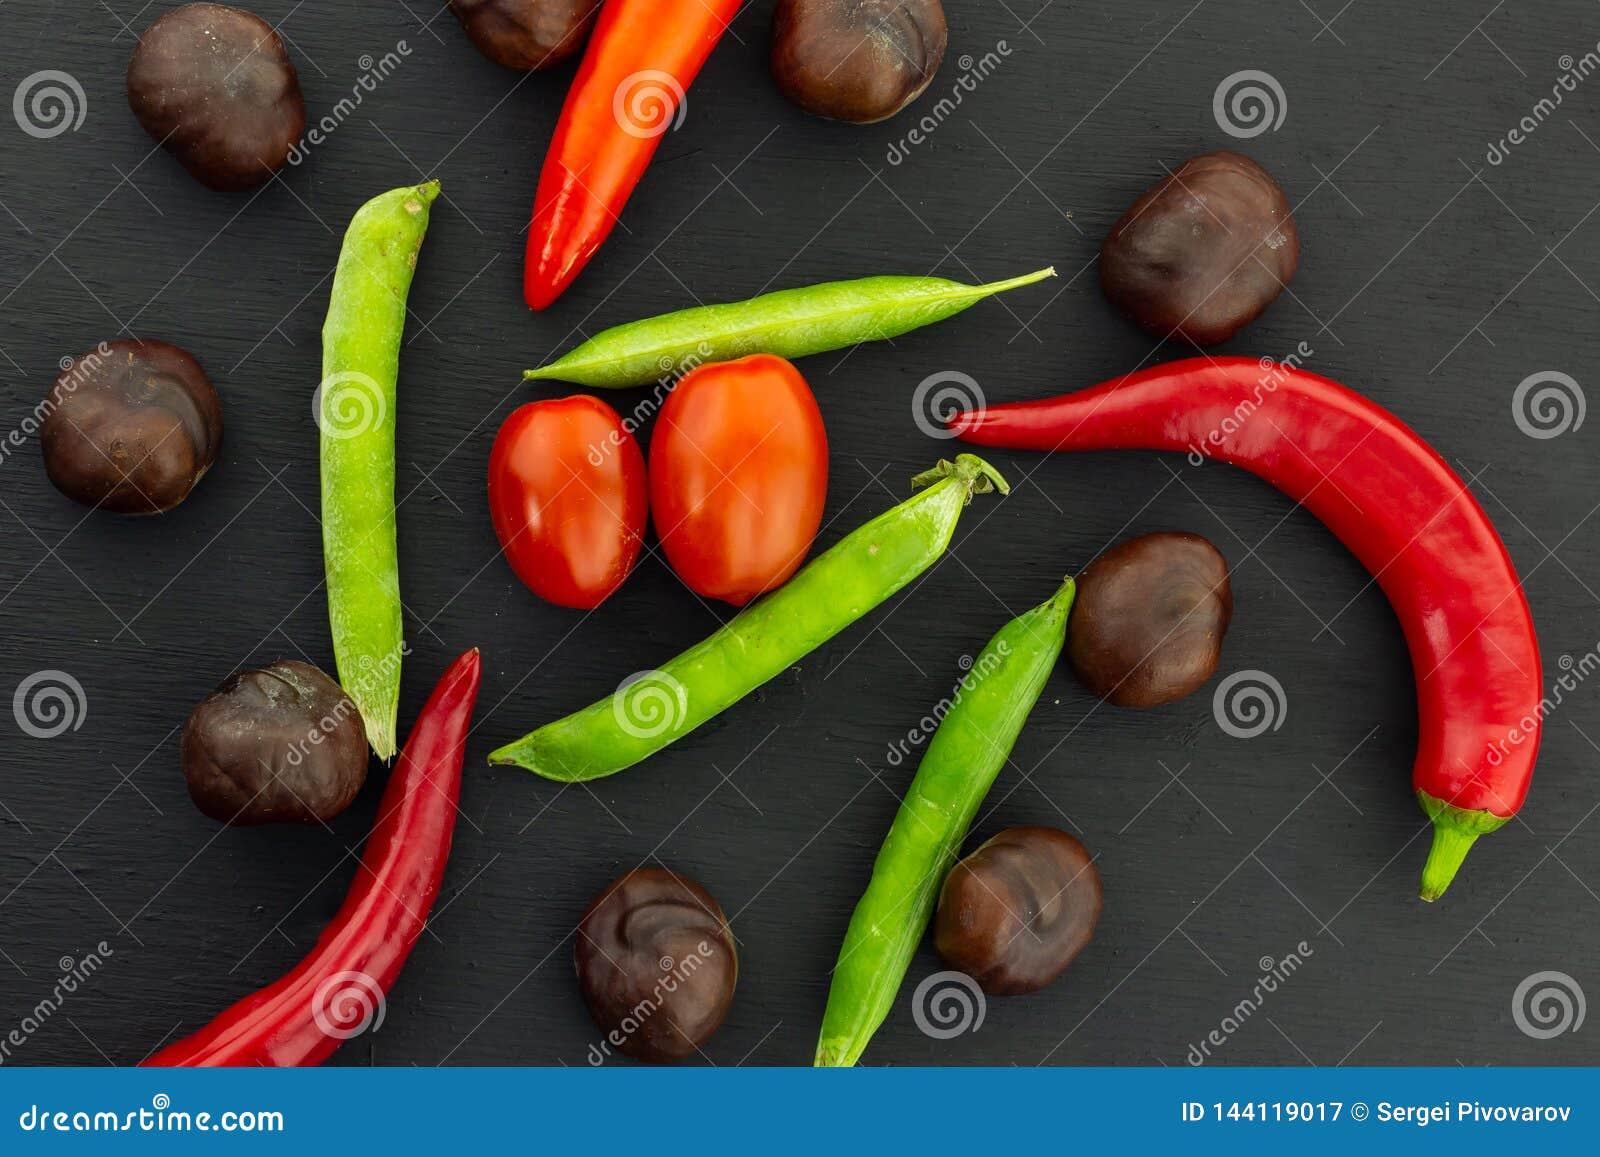 Kirschtomaten-Hülsenerbsen-Kastanienkastanie, die Gemüsesatz geschmackvoll auf schwarzem Hintergrundkontrast-Menüentwurf viel ist